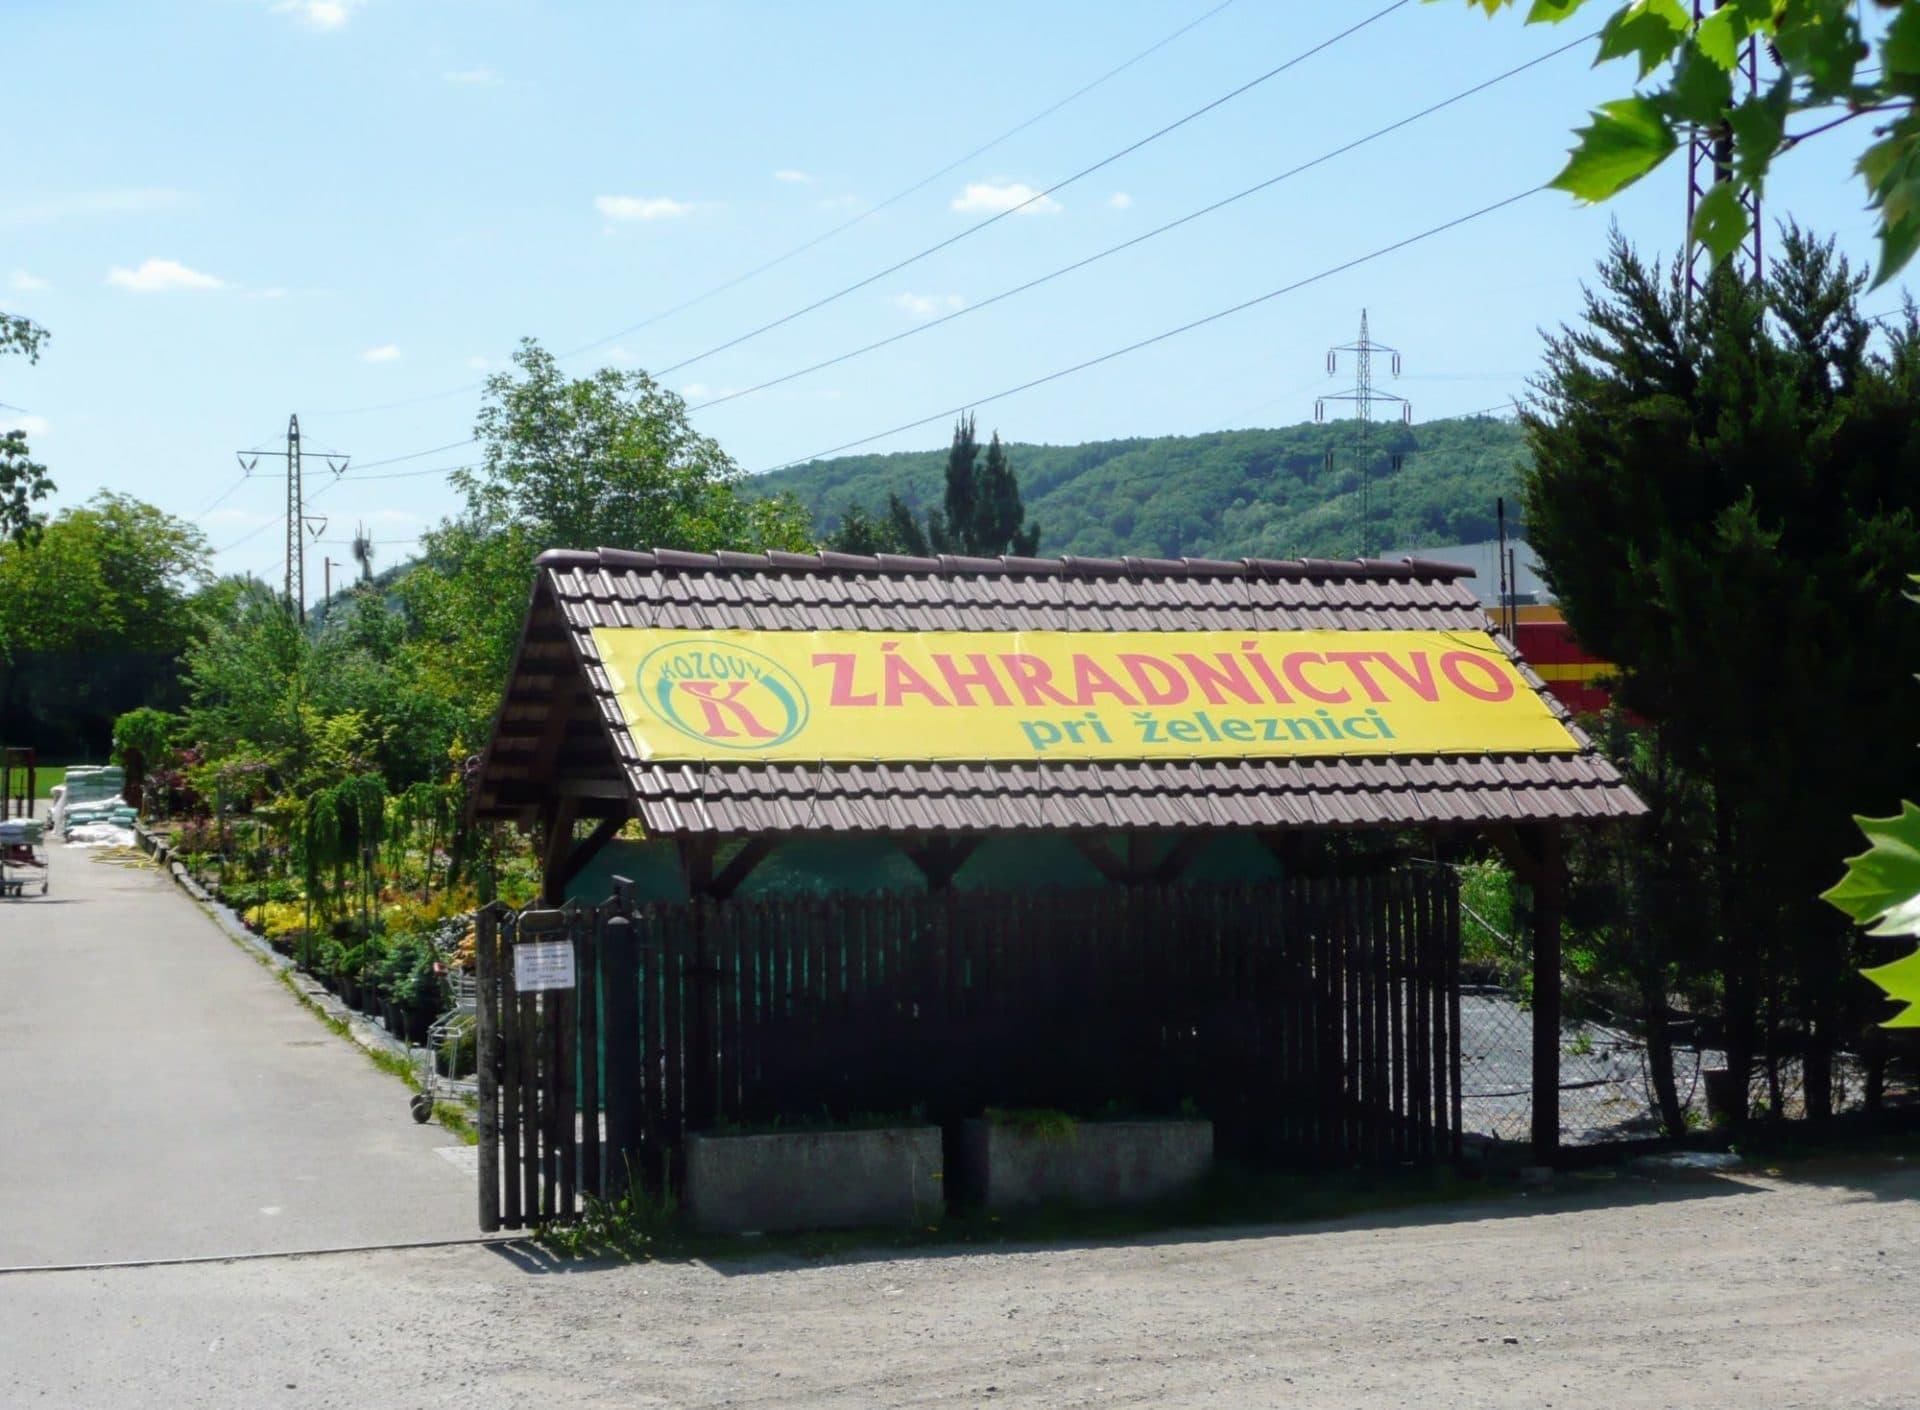 Záhradníctvo pri železnici (rastliny do 20 kg)